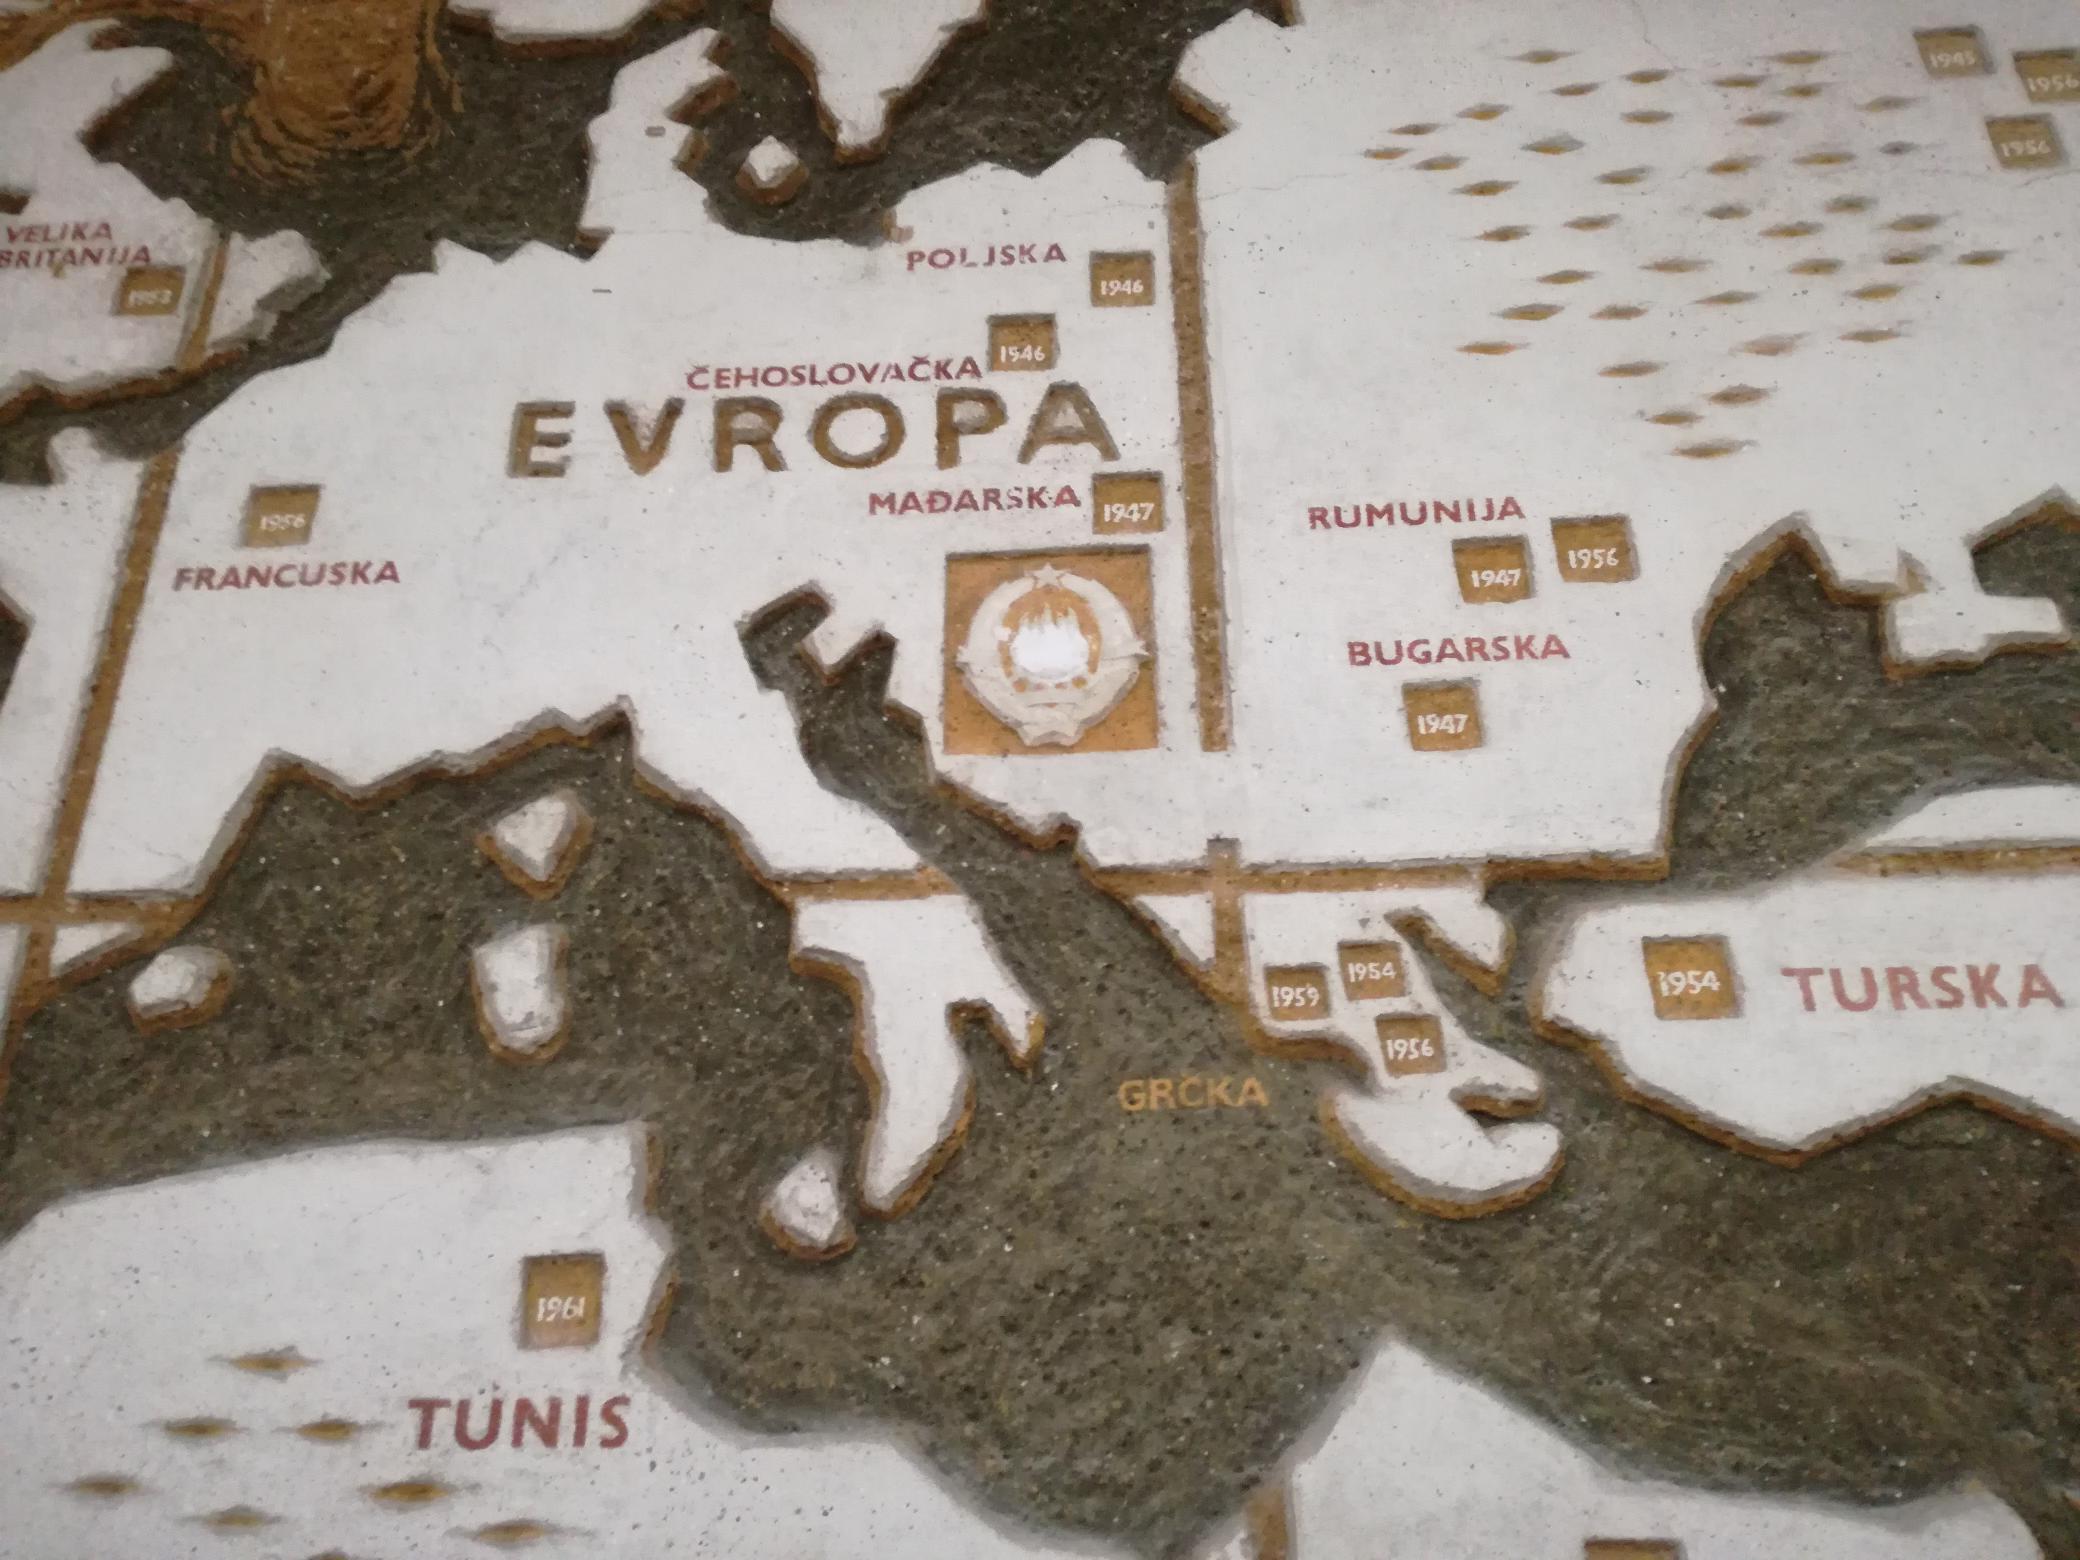 Tito utazásai térképen, rajta Magyarország